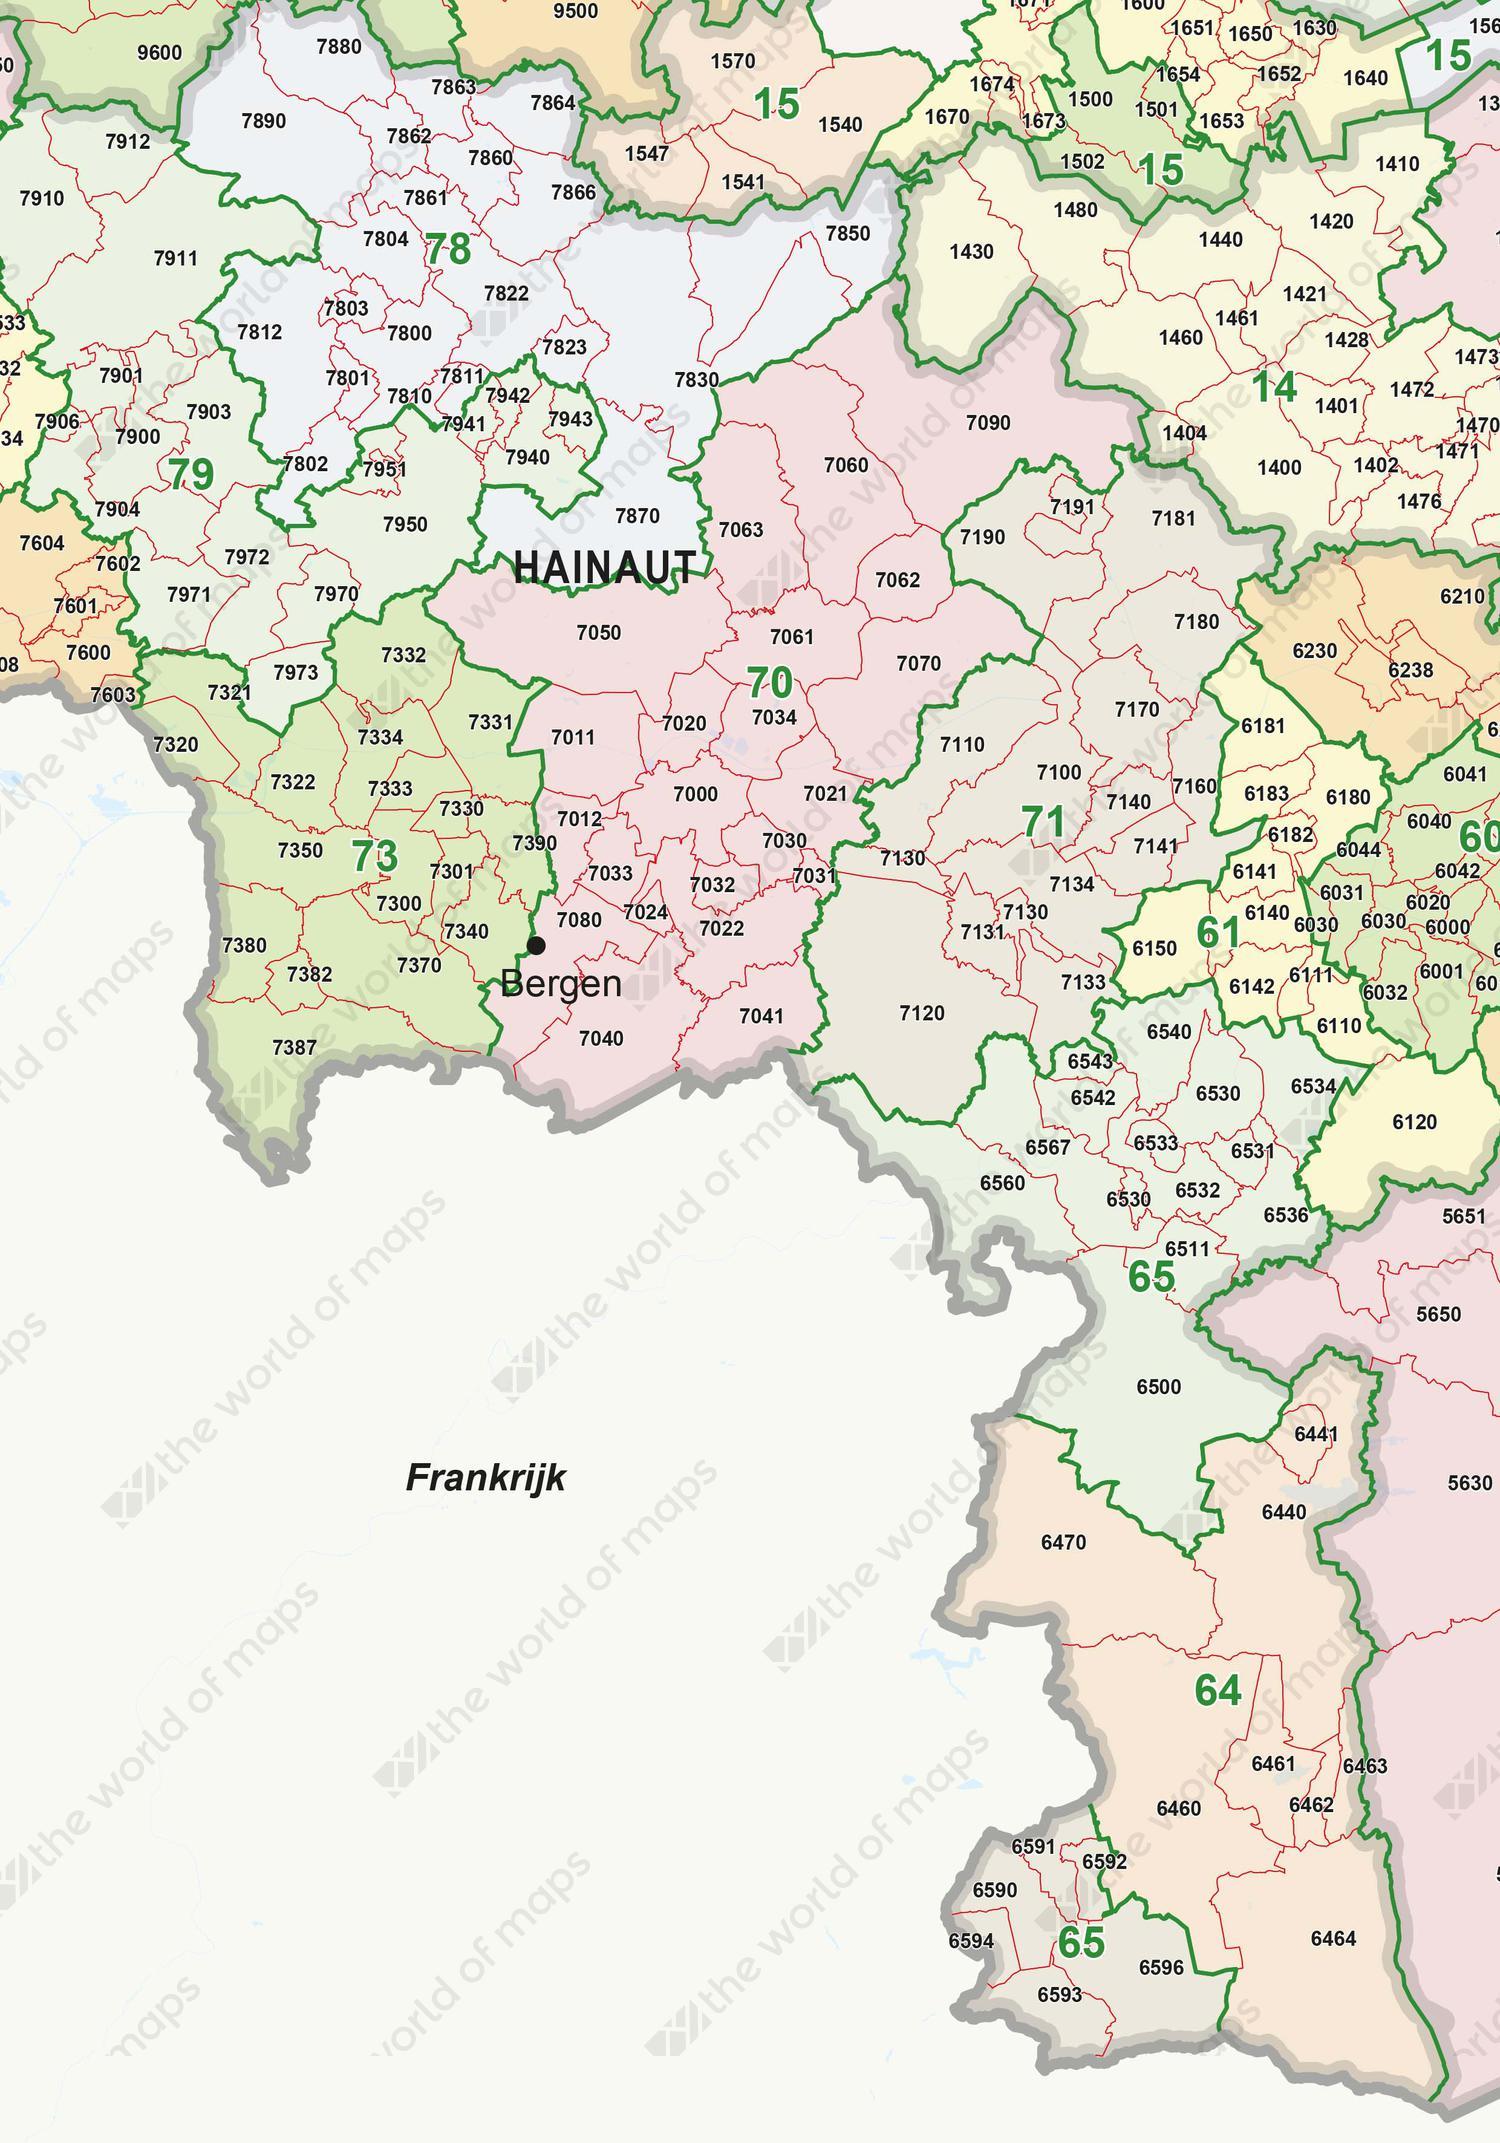 Digital ZIP code map Belgium 2-4 digits